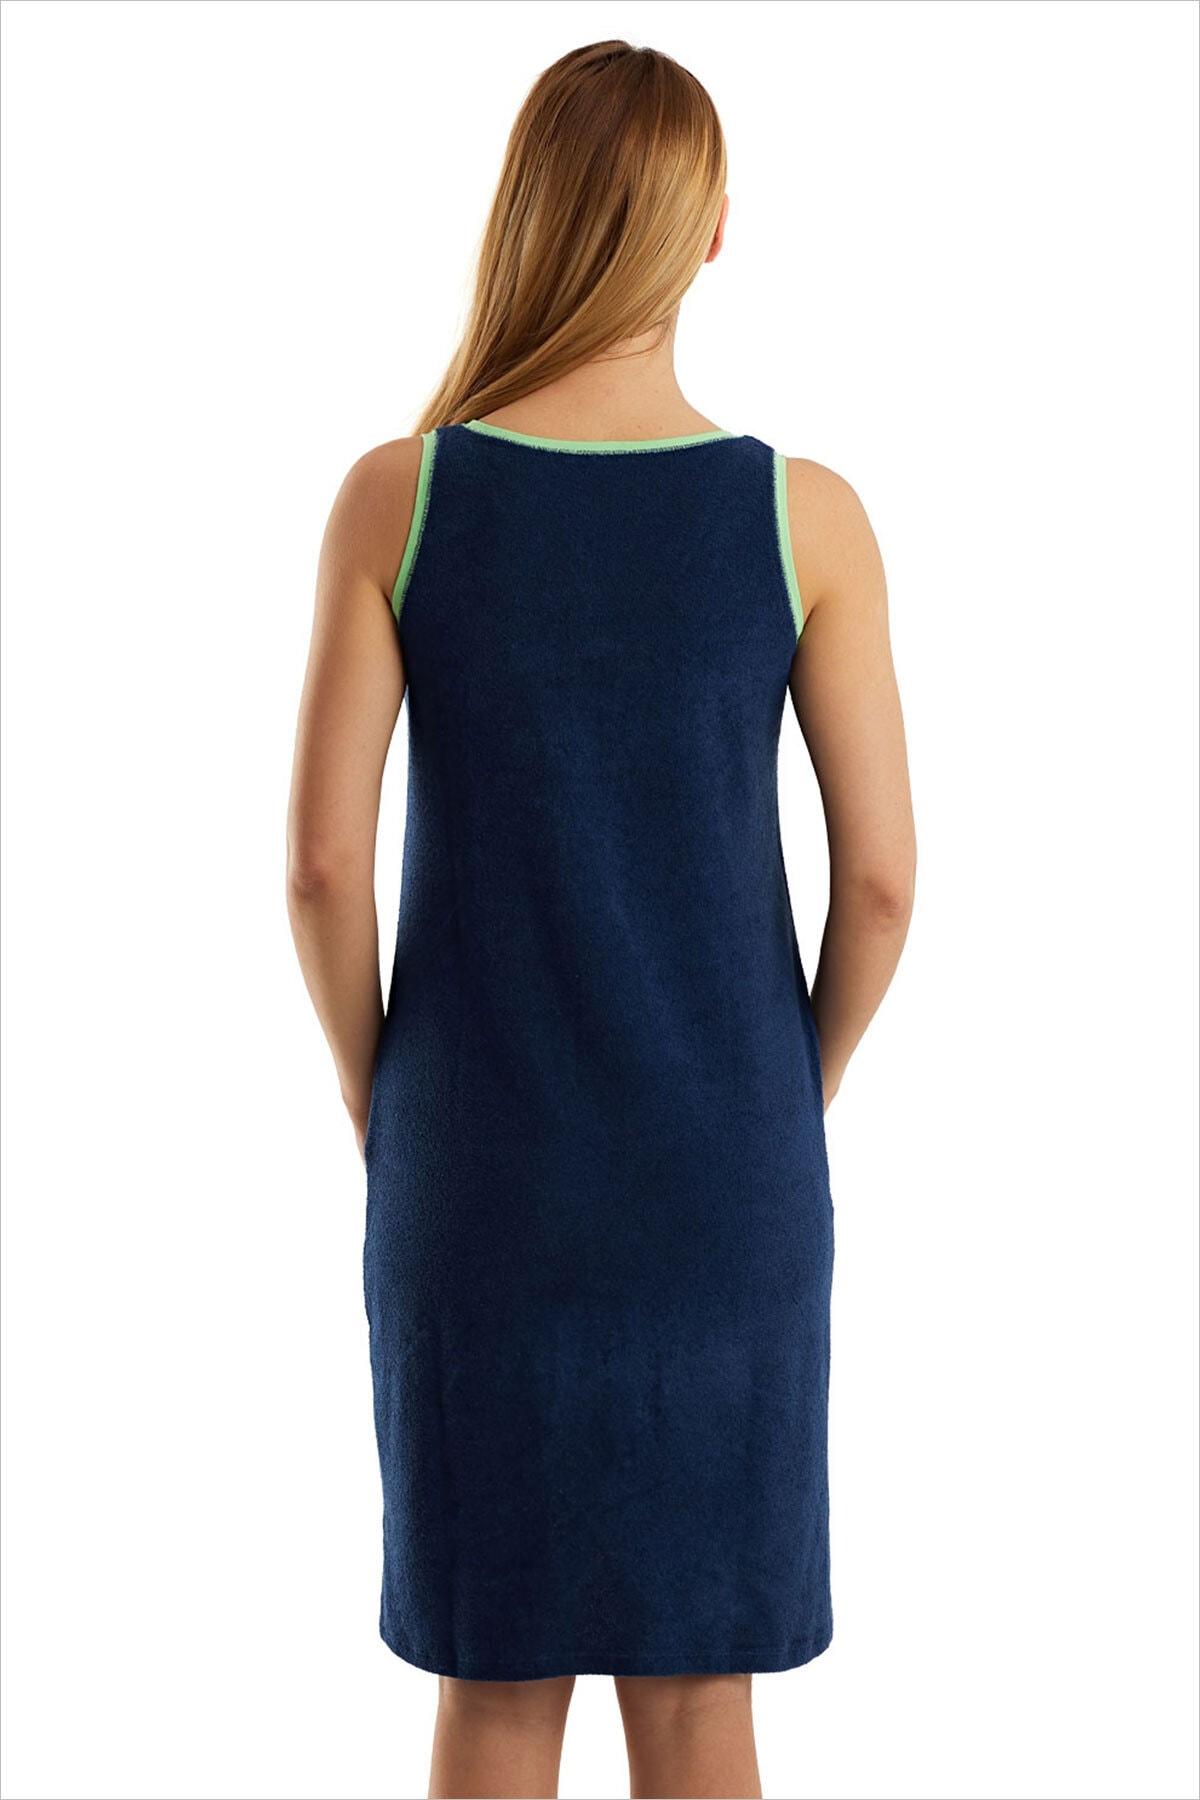 AYYILDIZ Kadın Lacivert Havlu Plaj Elbisesi 59492 2